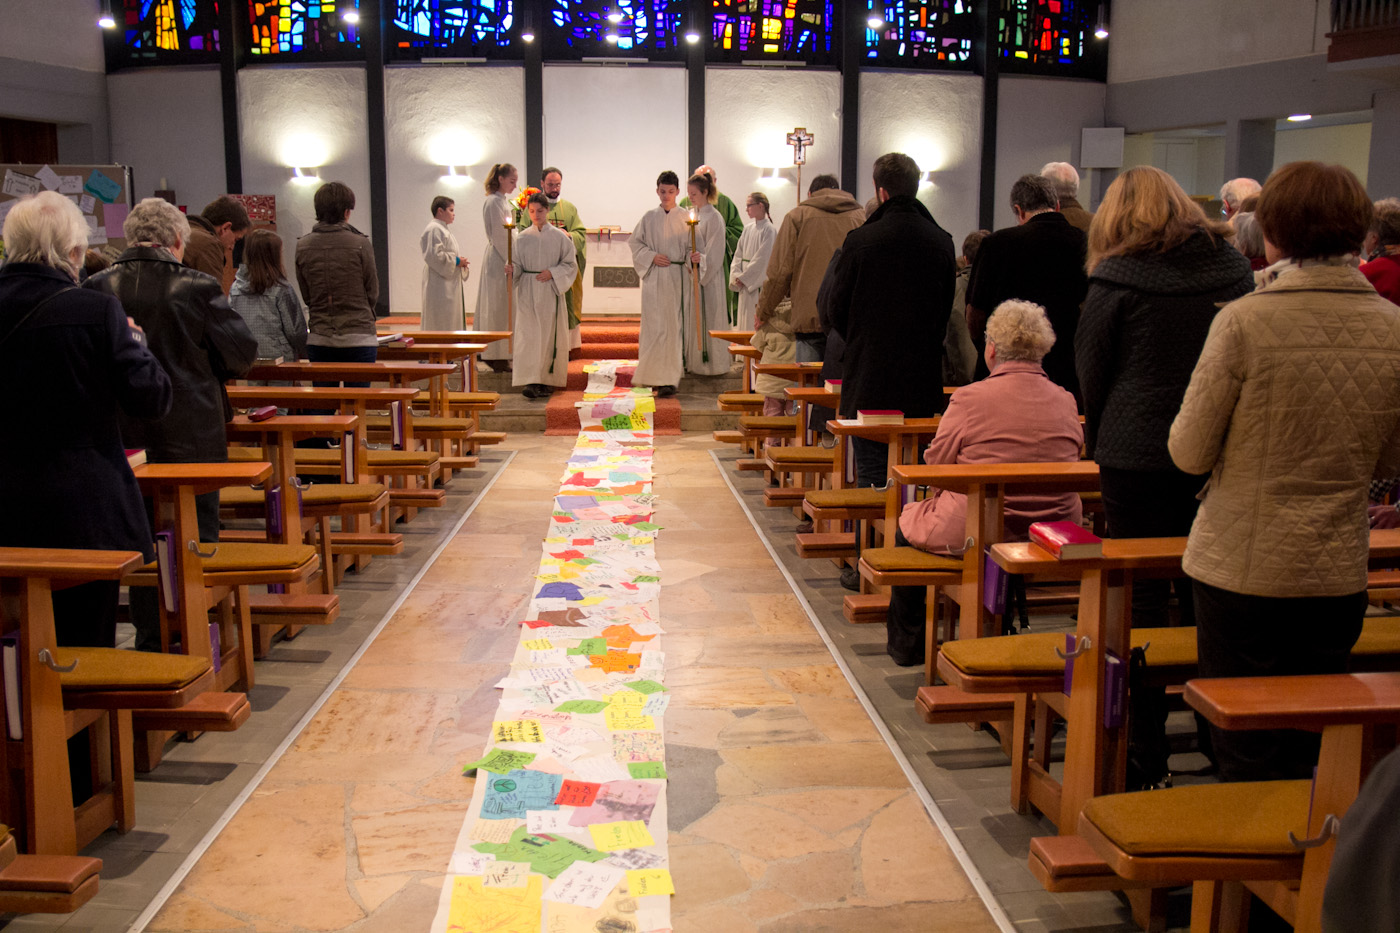 Friedensgrüße für Syrien - Kollage in der Kirche